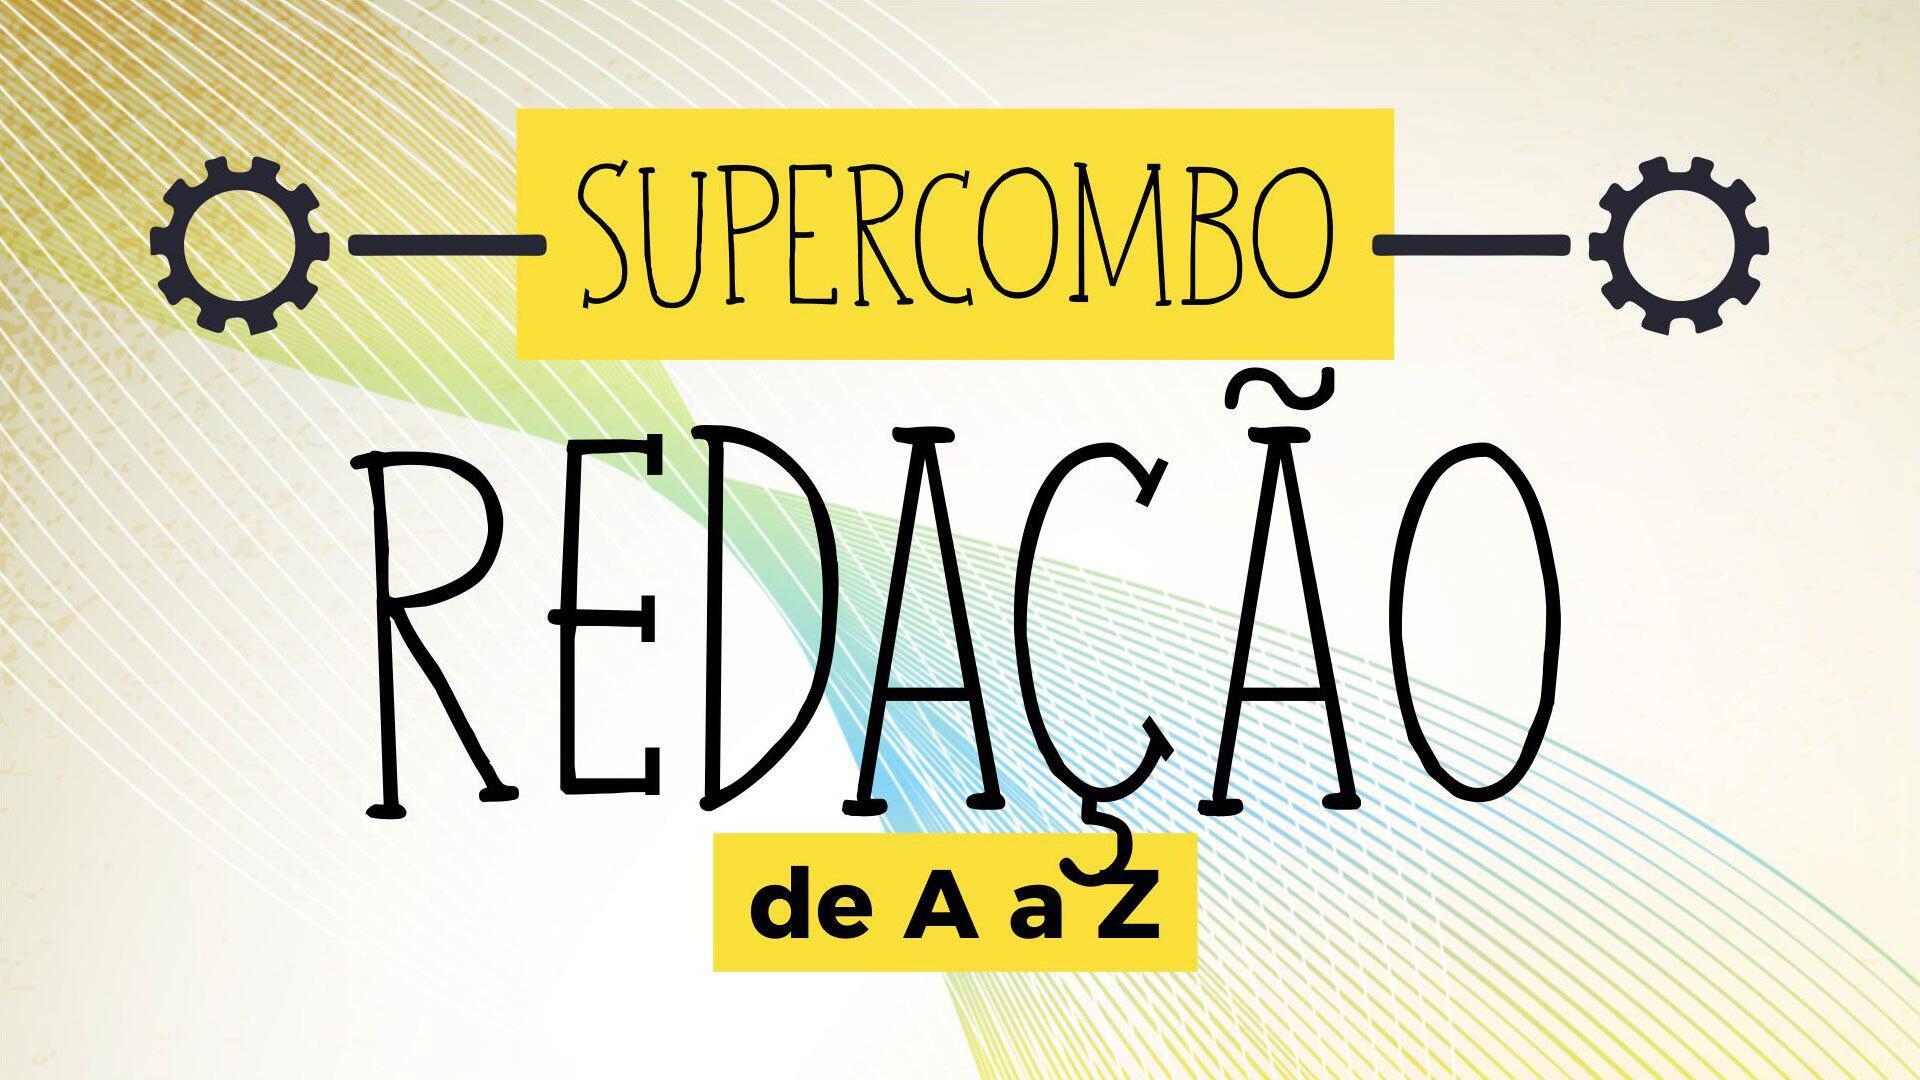 Supercombo - Curso de Redação de A a Z